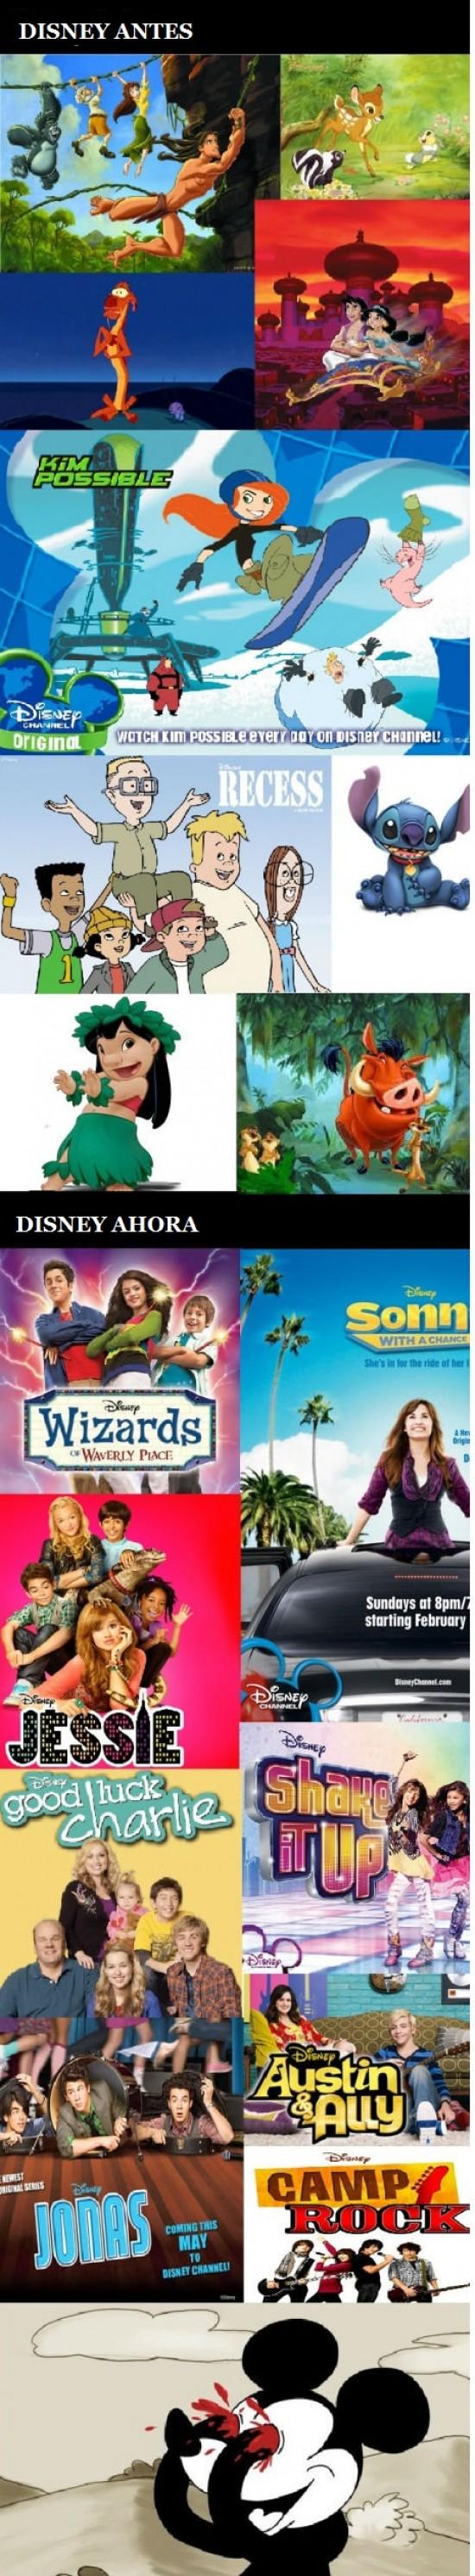 cursi,cutre,Disney,evolución,mickey mouse